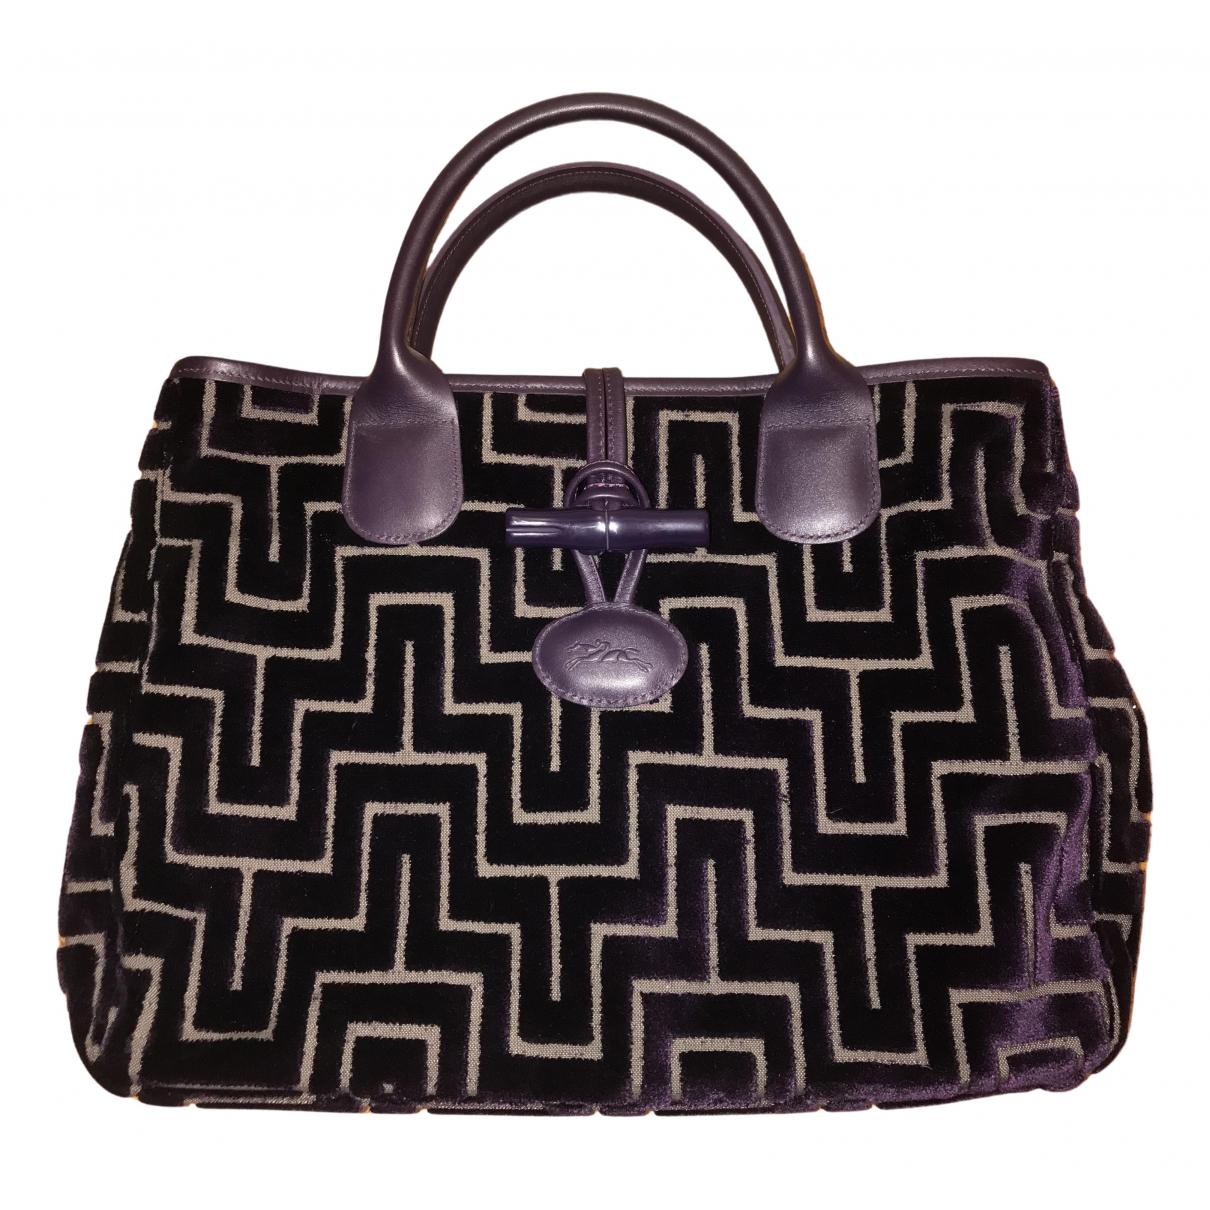 Longchamp - Sac a main Roseau pour femme en velours - violet